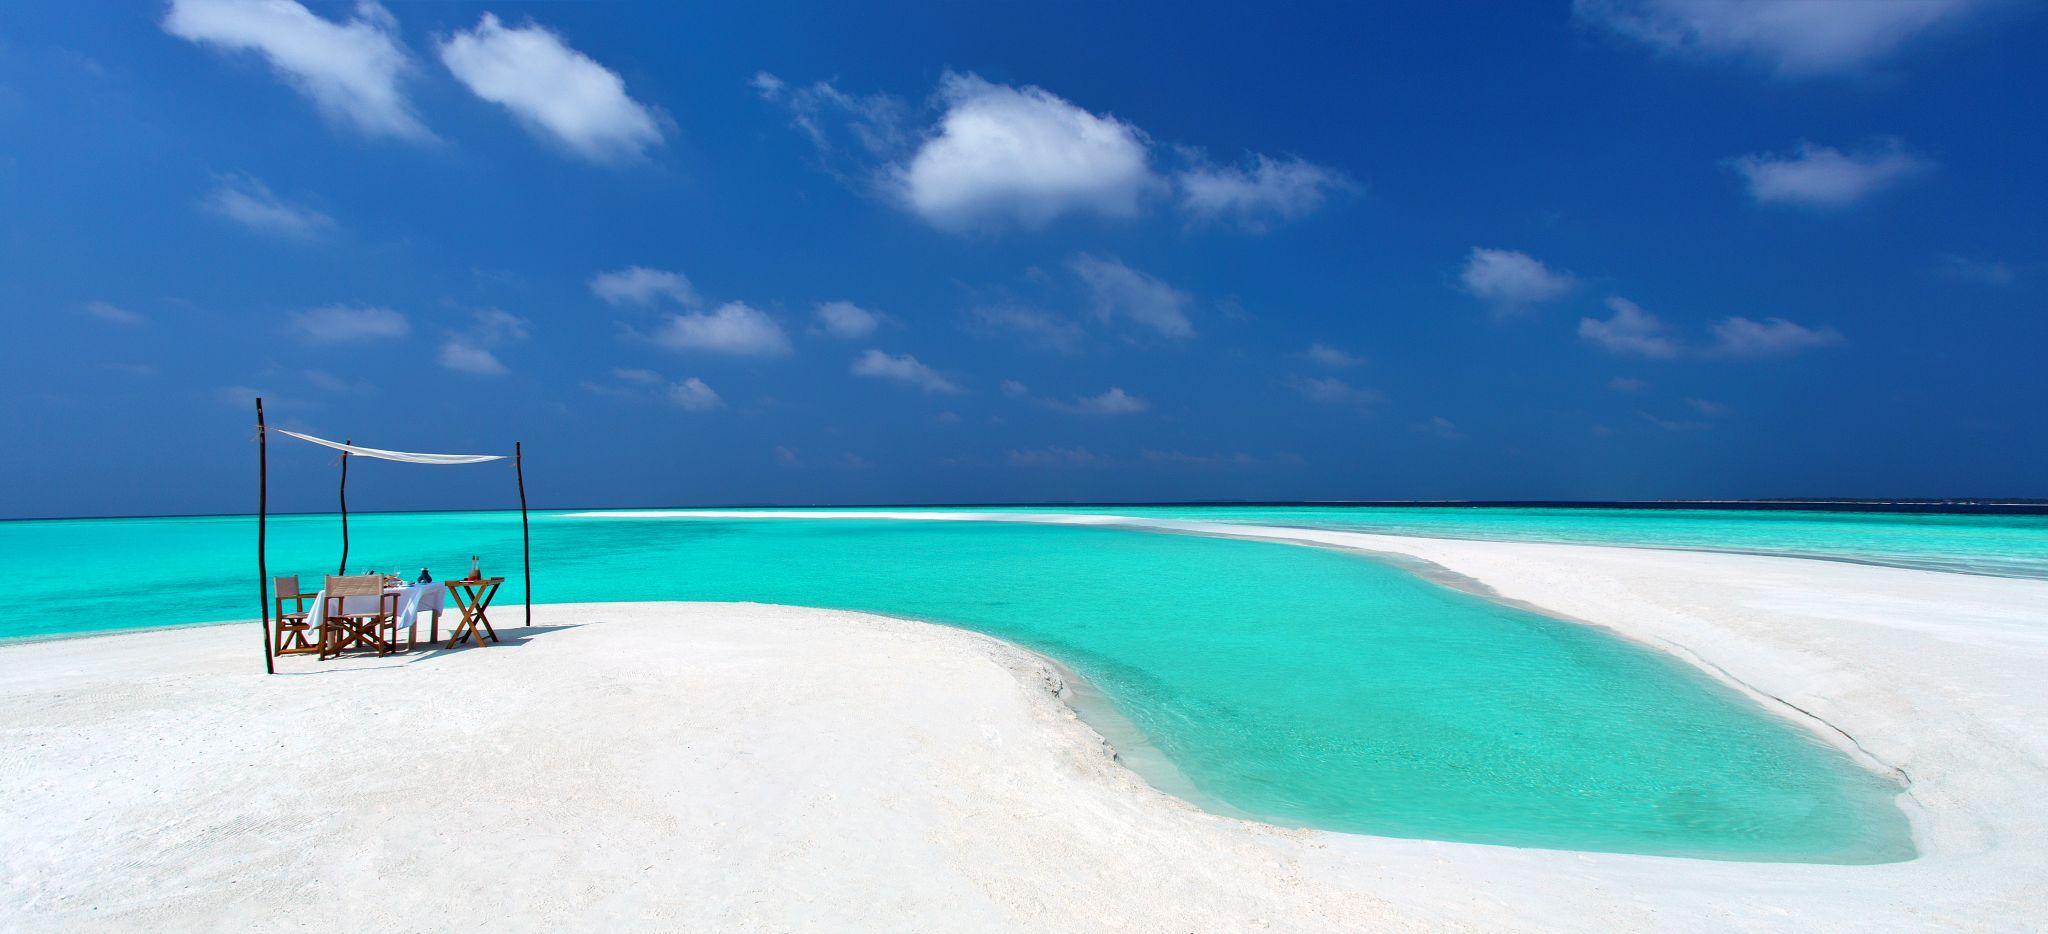 Ein Picknick auf einer Sandbank der Malediven vorbereitet, das Meer darum ist hell türkisblau